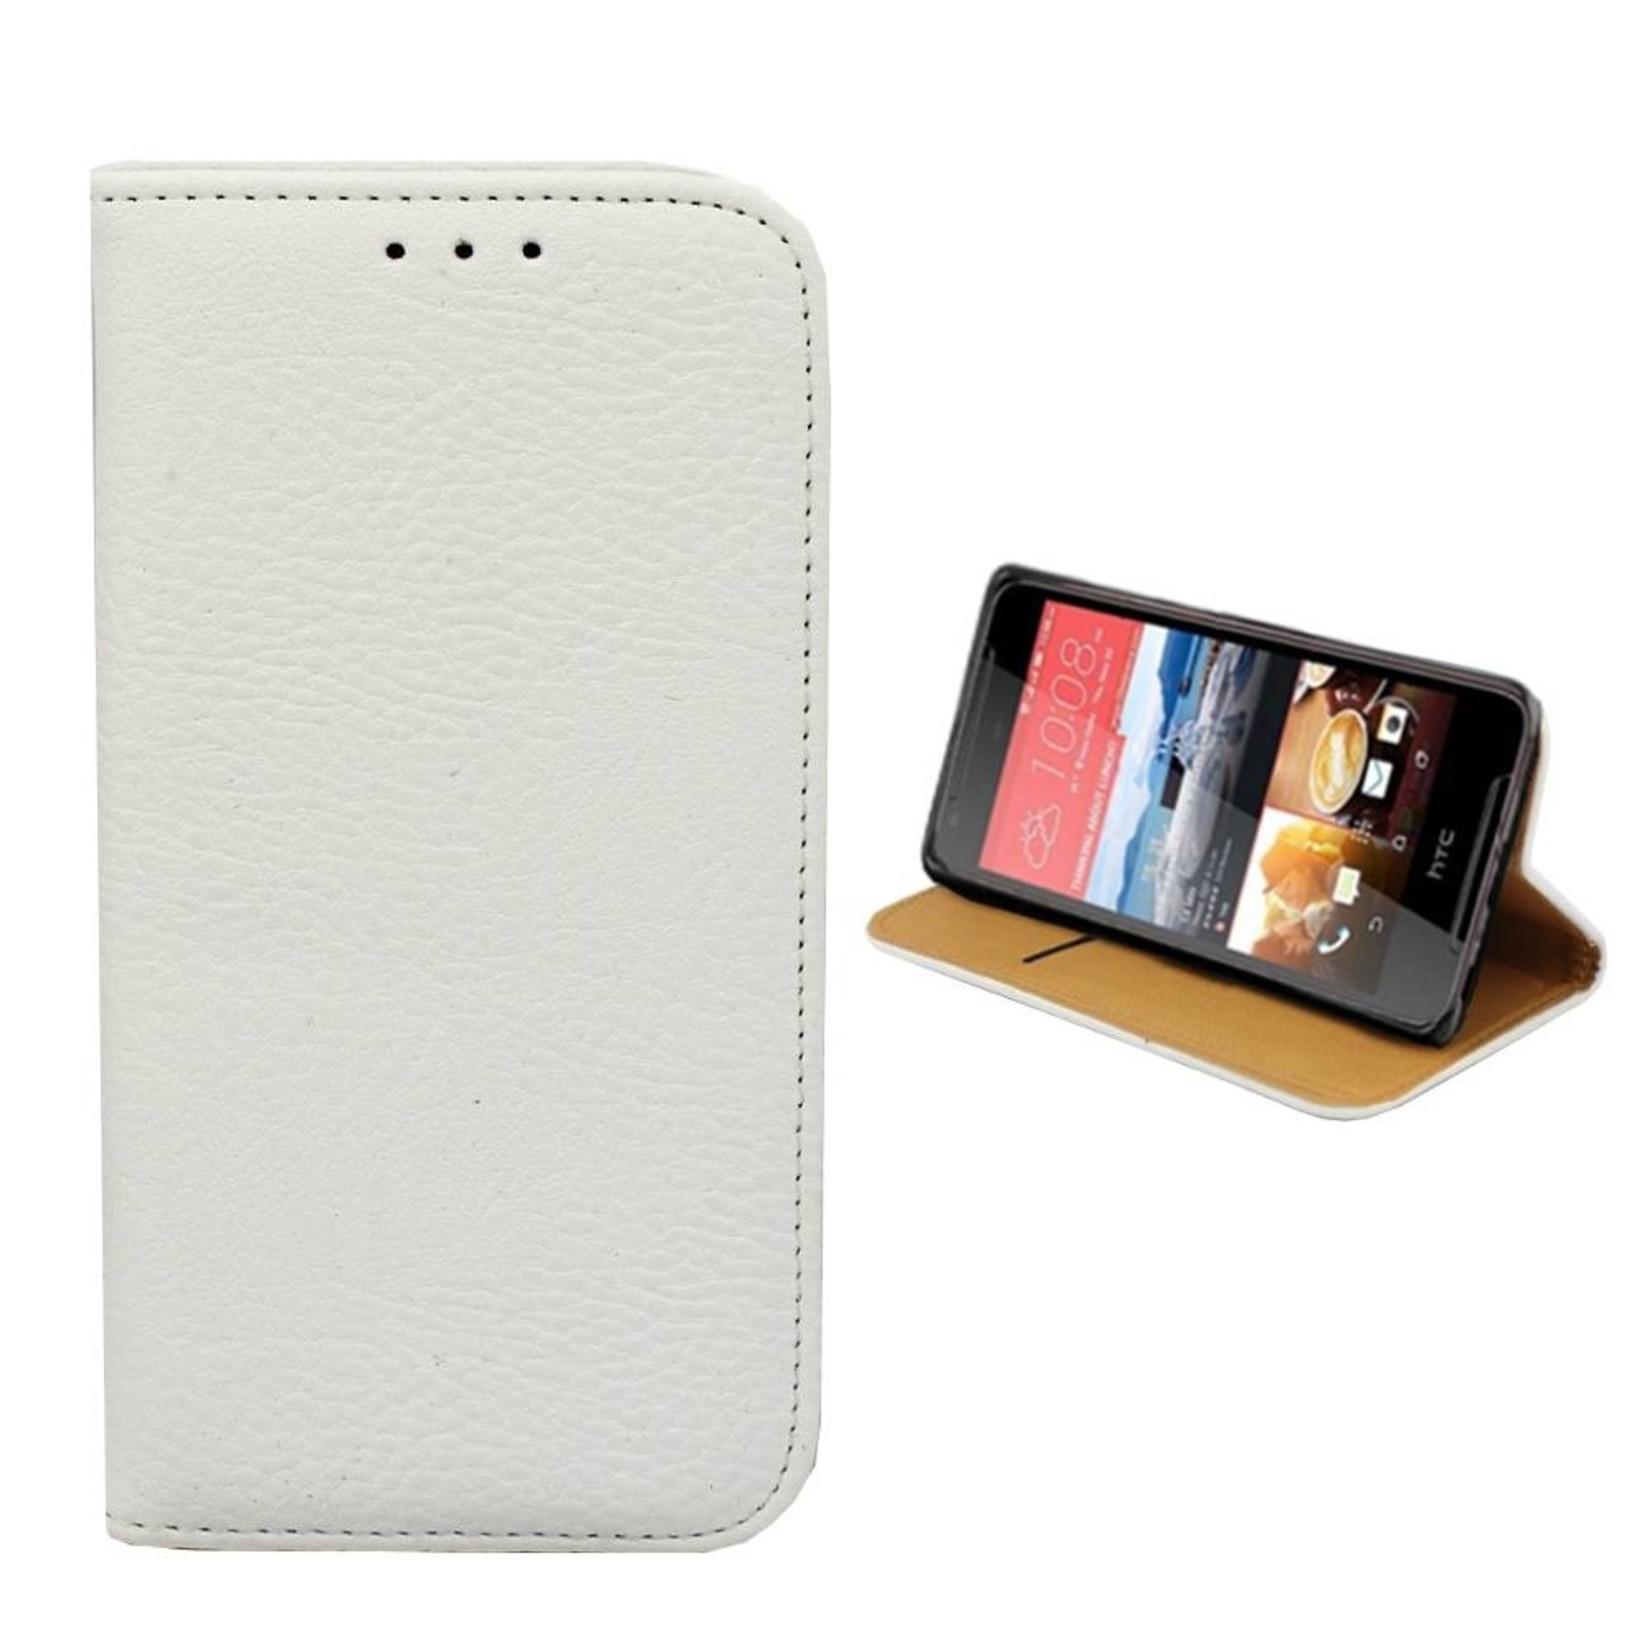 Colorfone Hoesje Book voor HTC Desire 628 Wit